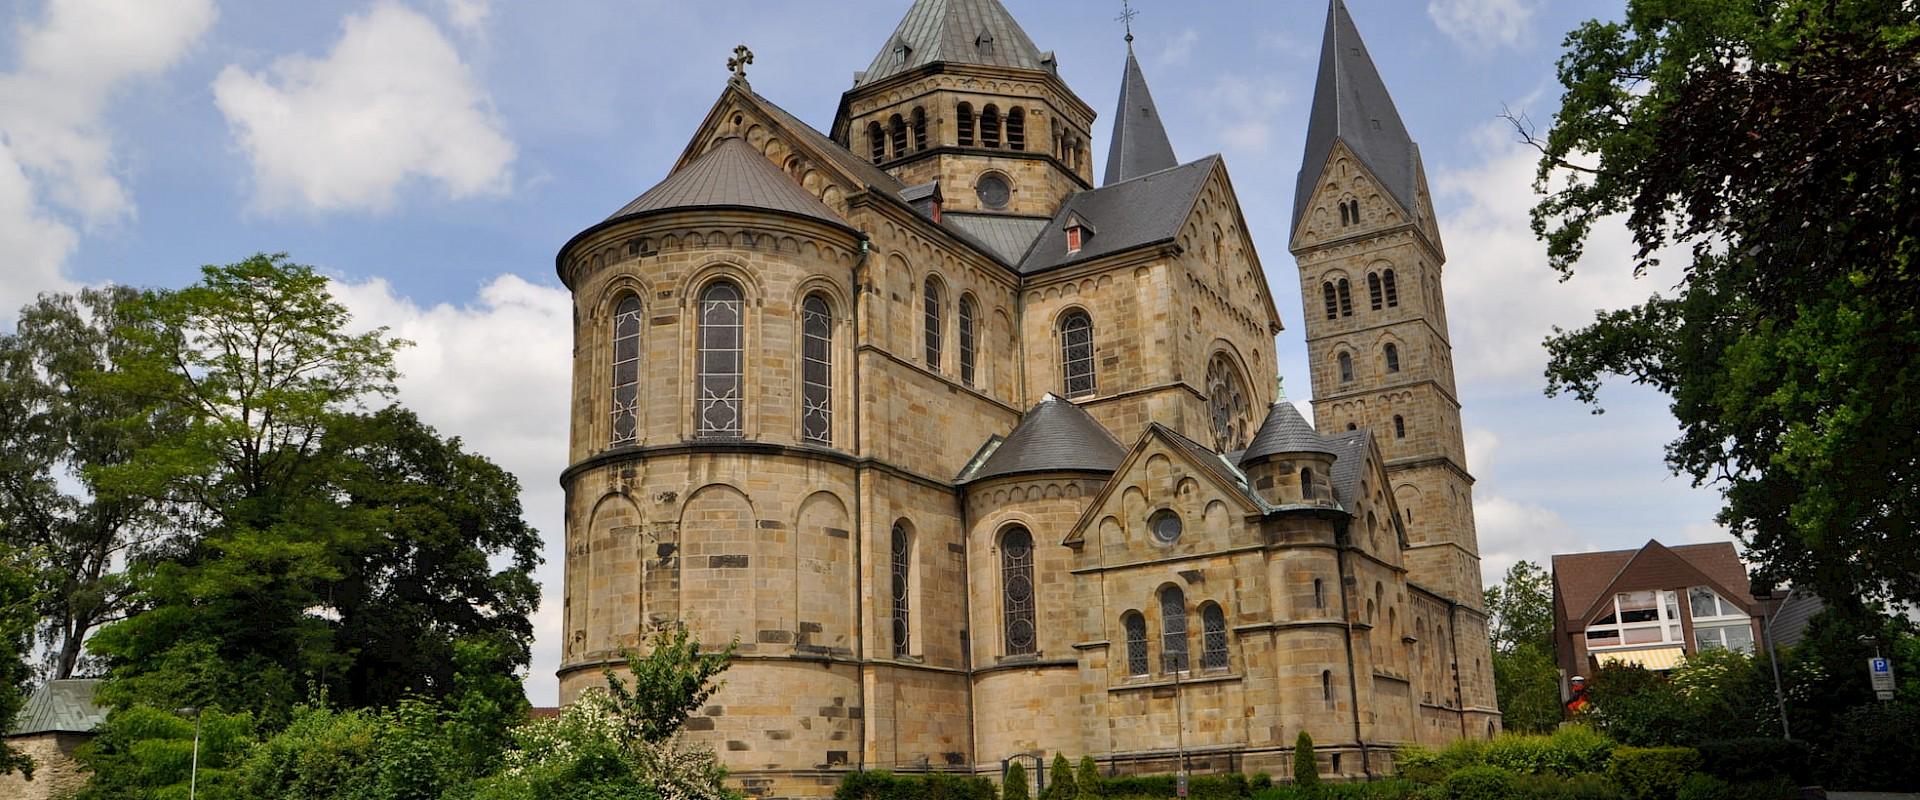 Neuenkirchen im Münsterland